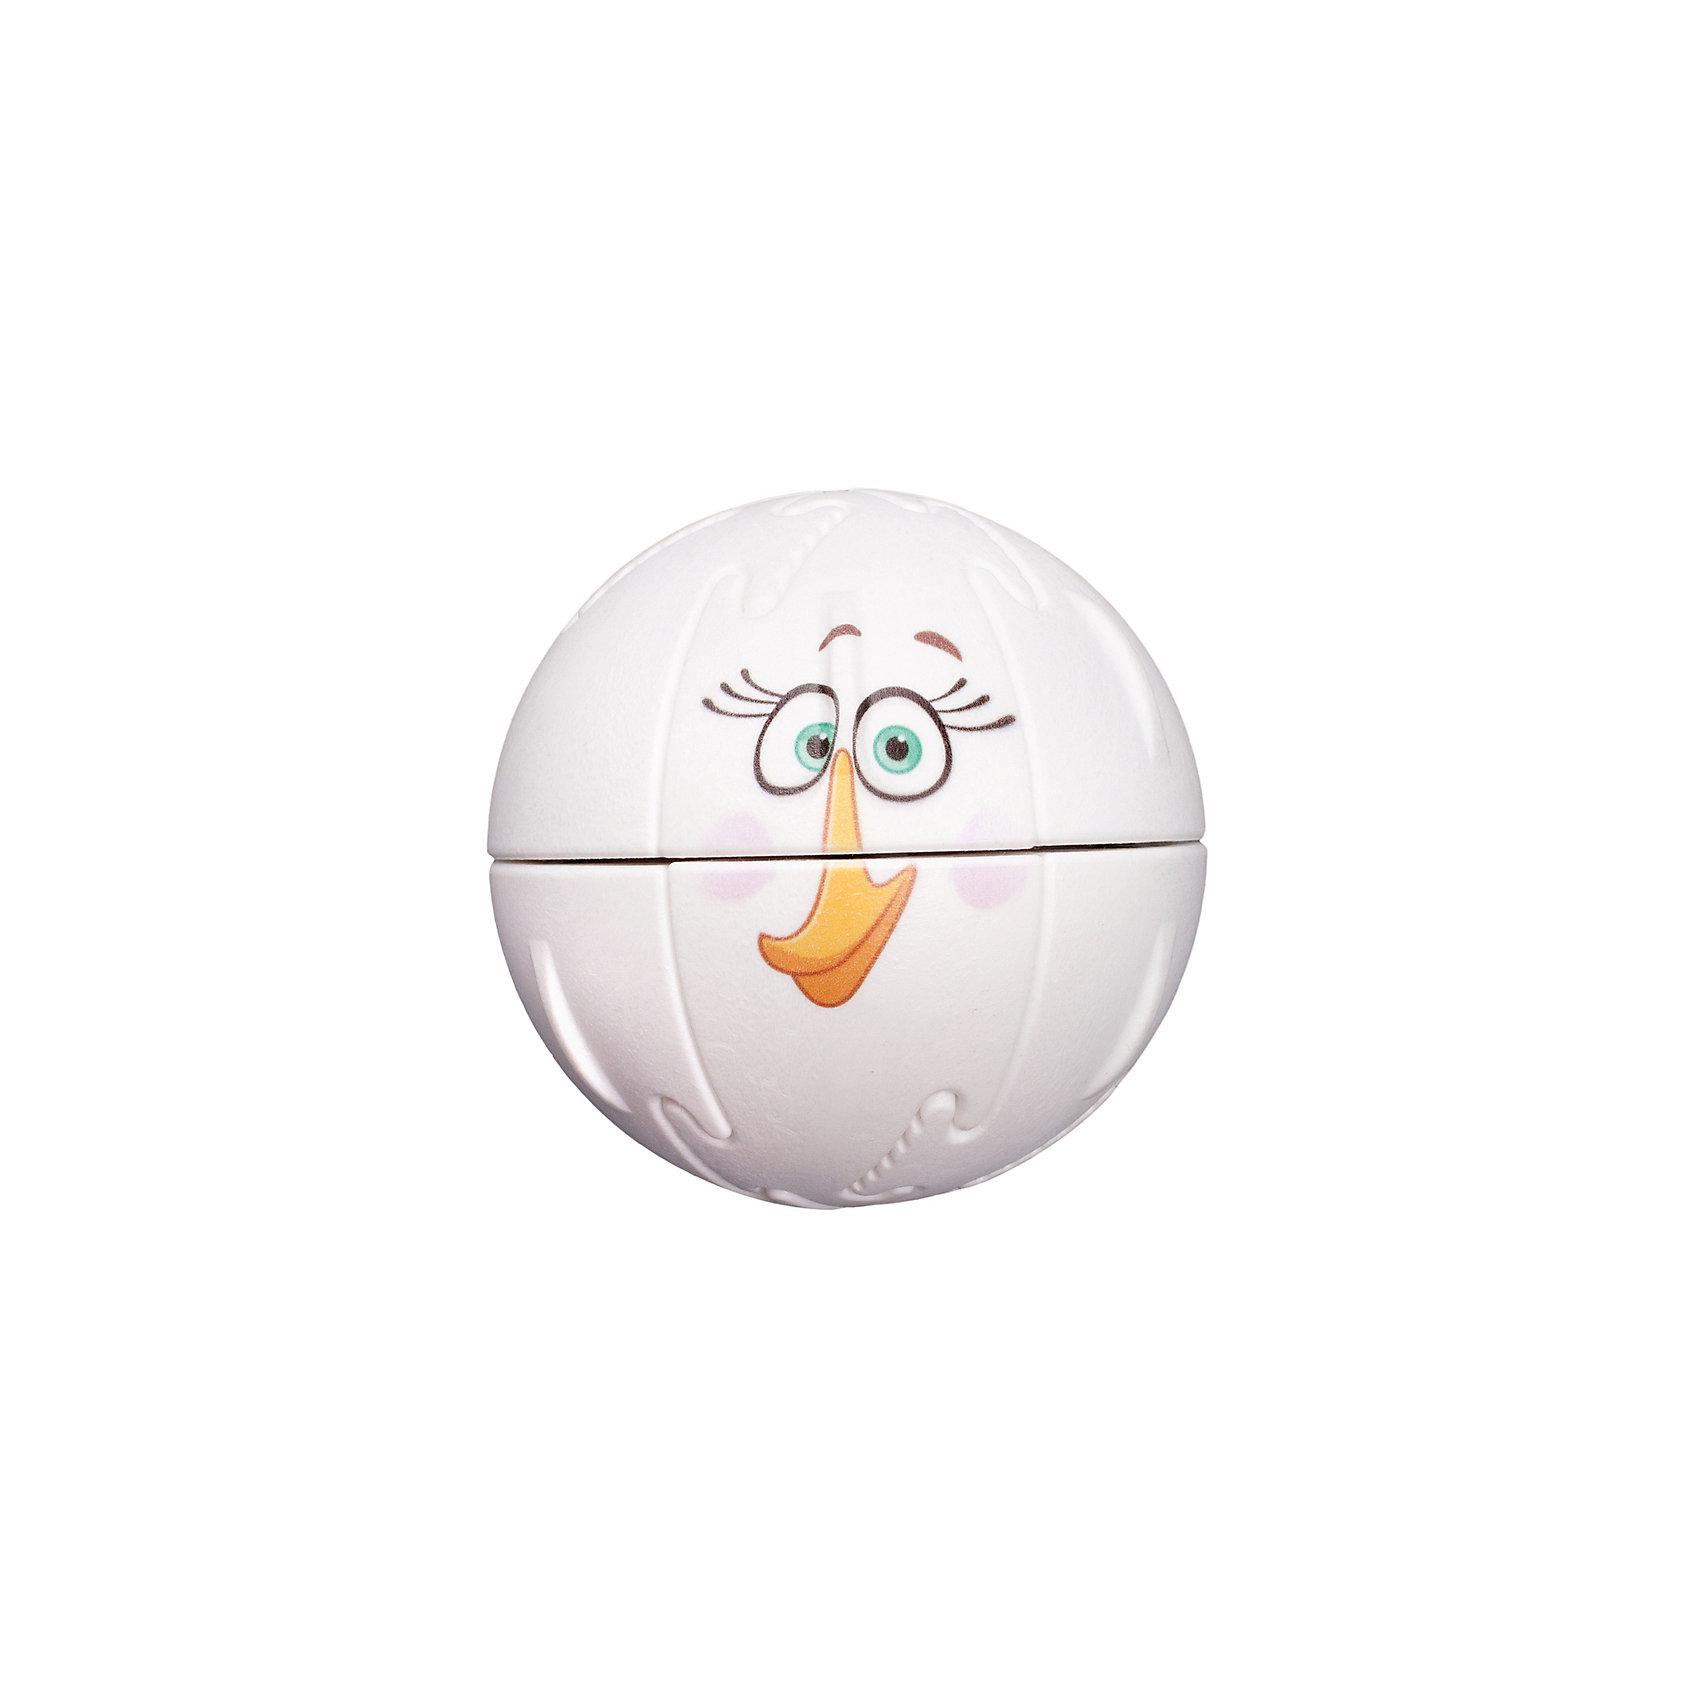 Крашики Matilda, Angry BirdsКрашики Matilda, Angry Birds – развивающий многофункциональный объемный магнитный пазл, новое слово в мире детских игр и головоломок.<br>Собери очаровательного персонажа Angry Birds с новым объемным пазлом Крашик. Дружелюбная Матильда очень переживает за яйца - помоги ей вернуть пропажу! Крашик Angry Birds не имеющий аналогов на рынке, поможет скрасить досуг любого ребенка, группы детей, или даже их родителей. С необычной головоломкой можно придумывать различные вариации веселой игры, что поможет отвлечь современных детей от планшетов и телефонов. Детали головоломки соединяются друг с другом с помощью пазов и удерживаются магнитами. Задача состоит в том, чтобы правильно соединить детали и собрать персонажа из Angry Birds. При этом необходимо учитывать магнитные полюса каждой детали, что познакомит детей с основами магнетизма. Также внутри каждого пазла находится небольшое пластиковое яйцо. С крашиками можно играть как самостоятельно, так и в компании друзей. Чем больше детей и пазлов – тем интереснее играть! Можно собрать своего неповторимого персонажа, соединив детали от разных крашиков или выстроив в ряд свинок, выбивать их птичками, пока их свинок не выпадет пластиковое яйцо. Крашики Angry Birds изготовлены из качественного безопасного материала на современном оборудовании. Крашики Angry Birds не только вернут современному поколению веселое и активное детство вдали от новомодных гаджетов, но и помогут развить логическое мышление и мелкую моторику рук. Дети и родители будут в восторге от этой красочной и многогранной игрушки!<br><br>Дополнительная информация:<br><br>- Количество частей пазла: 12<br>- Материал: полипропилен<br>- Сила удерживания половинок: 7 кг.<br>- Размер упаковки: 15,5х15,5 х10 см.<br>- Вес: 310 гр.<br><br>Крашики Matilda, Angry Birds можно купить в нашем интернет-магазине.<br><br>Ширина мм: 150<br>Глубина мм: 150<br>Высота мм: 100<br>Вес г: 300<br>Возраст от месяцев: 36<br>Возраст до месяцев: 96<br>Пол: Унисекс<br>Во